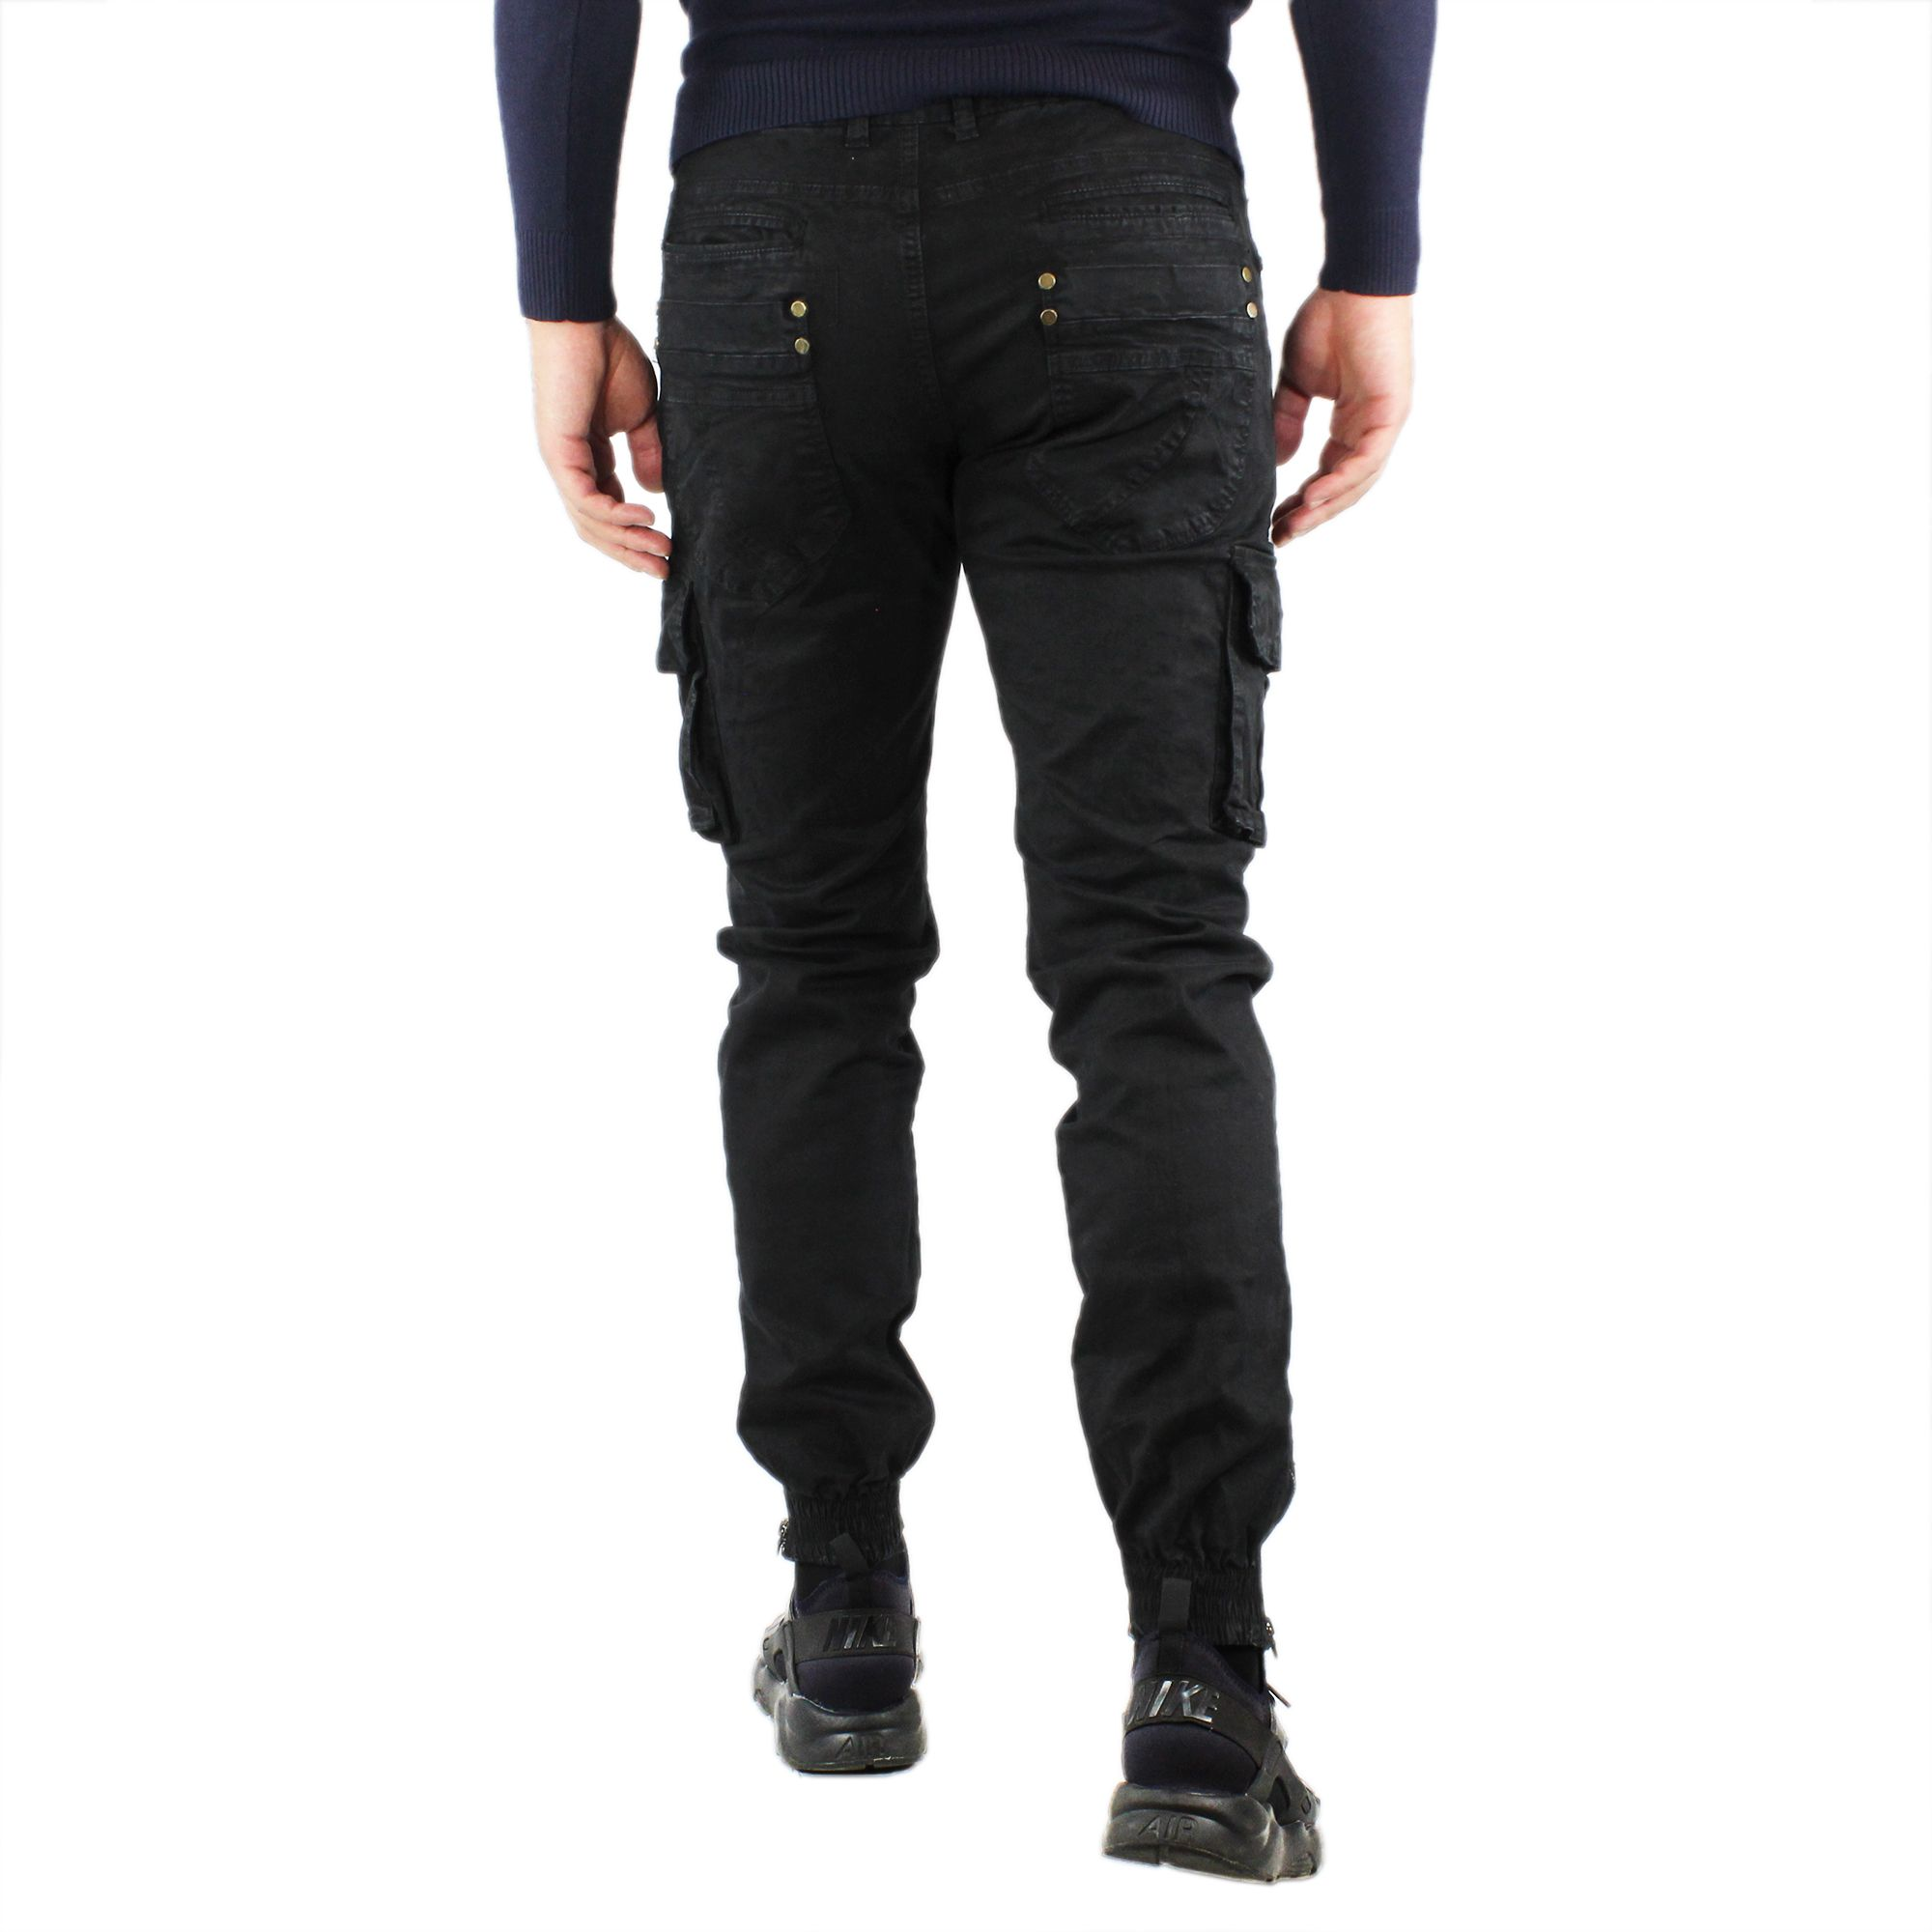 Pantaloni-Cargo-Uomo-Invernale-Tasche-Laterali-Cotone-Slim-Fit-Tasconi-Casual miniatura 17